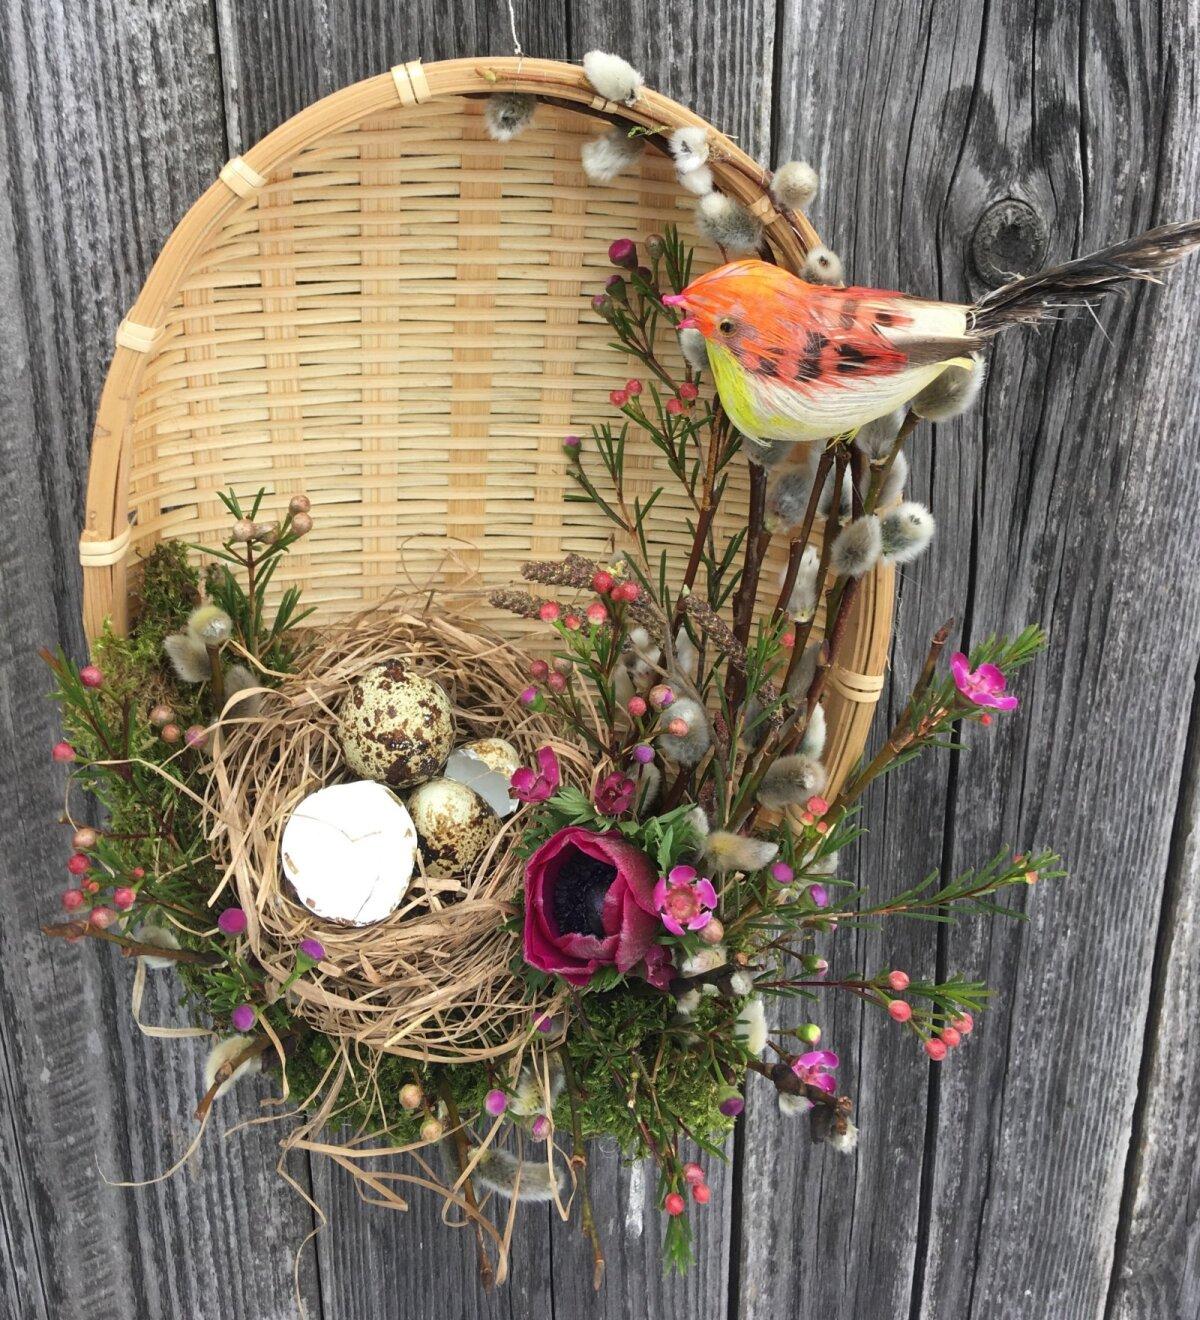 Nüüd ei olegi muud, kui lasta fantaasial lennata ning kaunistada korv pajuokste, lillede ja muude meelepäraste vahenditega.